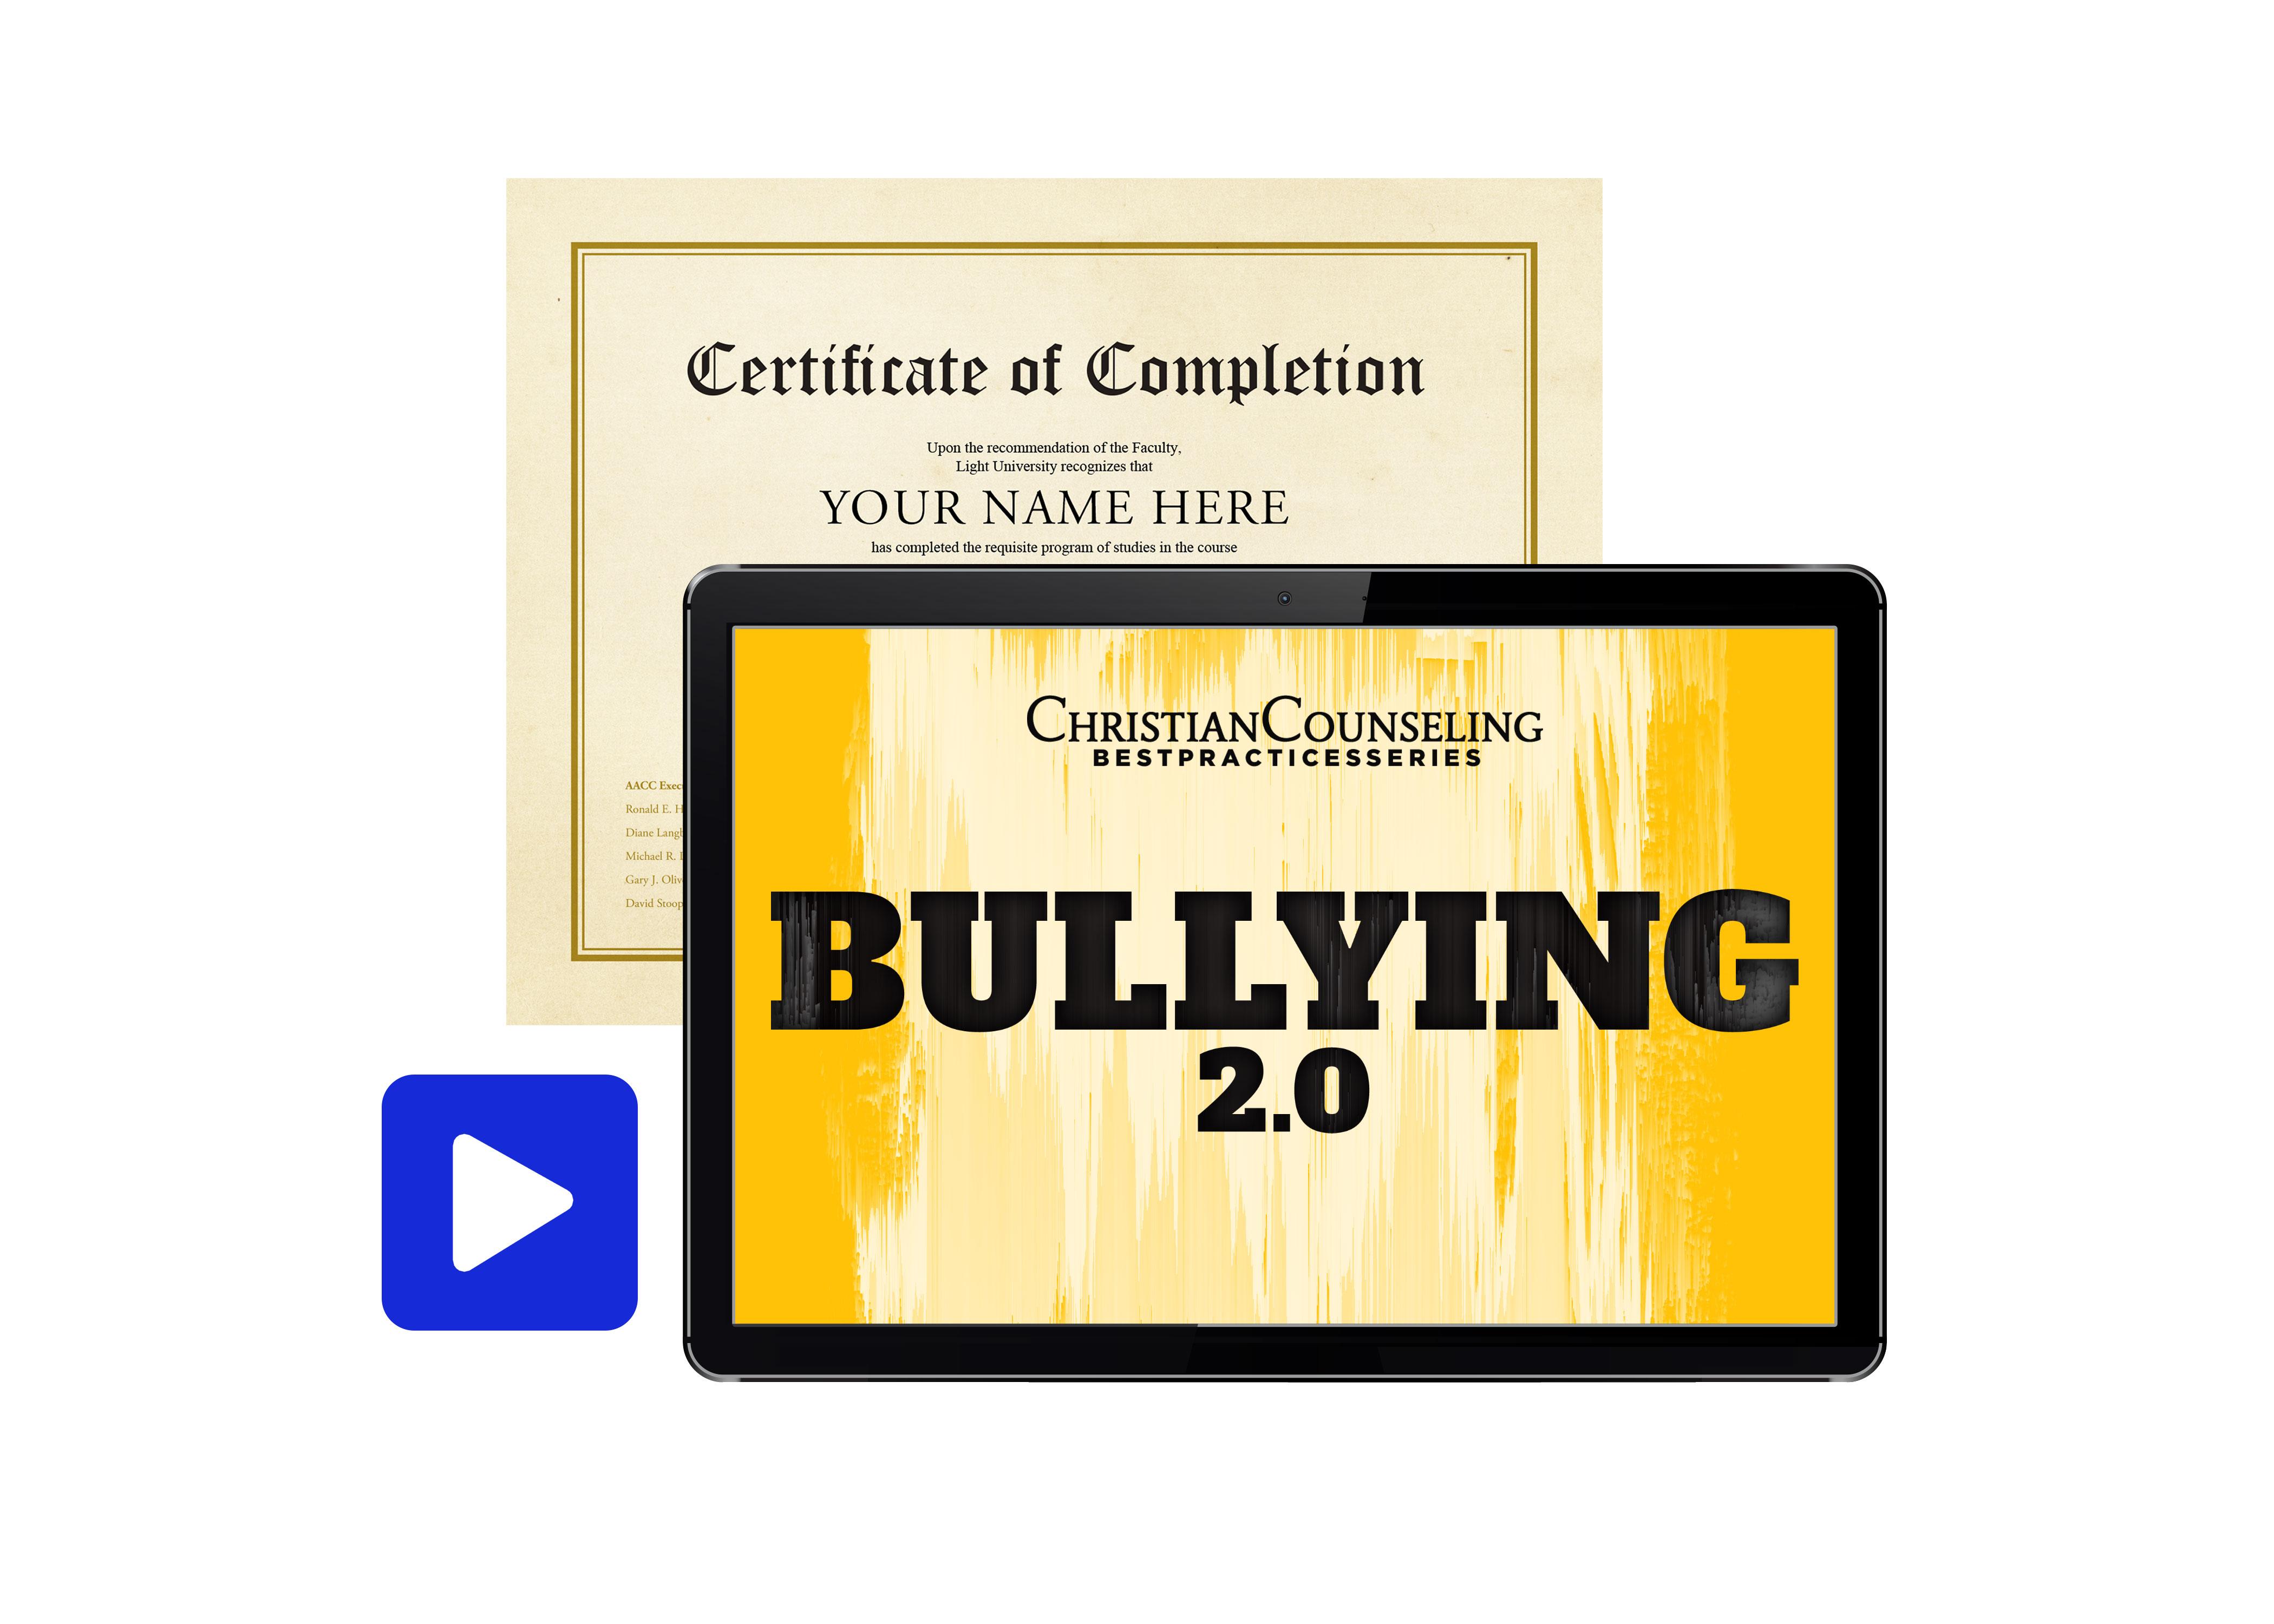 Bullying 2.0